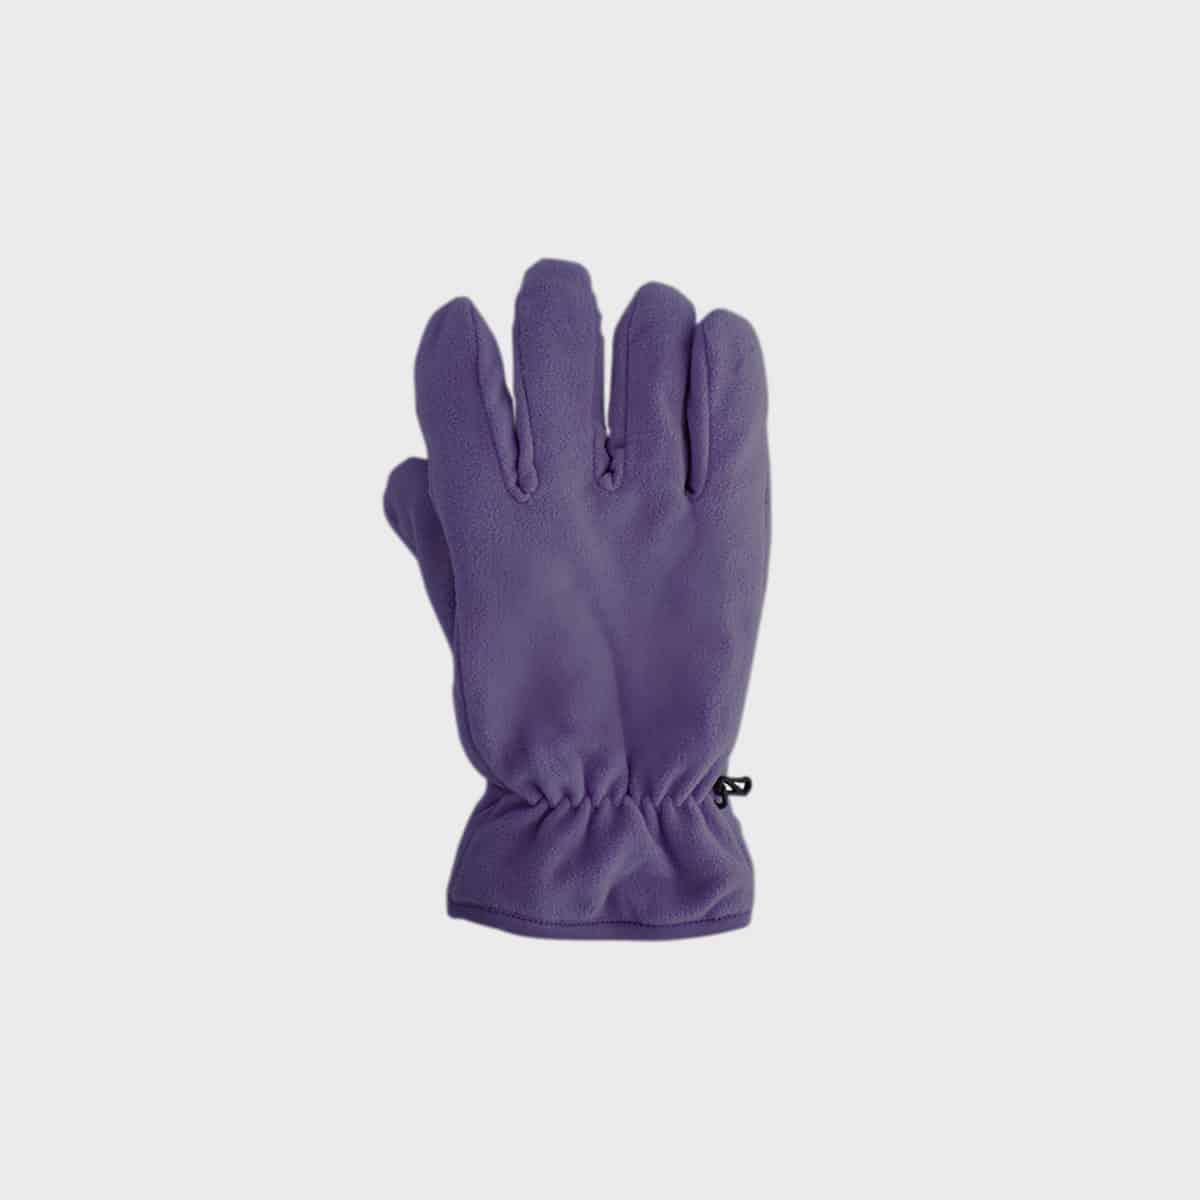 thinsulate-handschuhe-fleece-aubergine-kaufen-besticken_stickmanufaktur